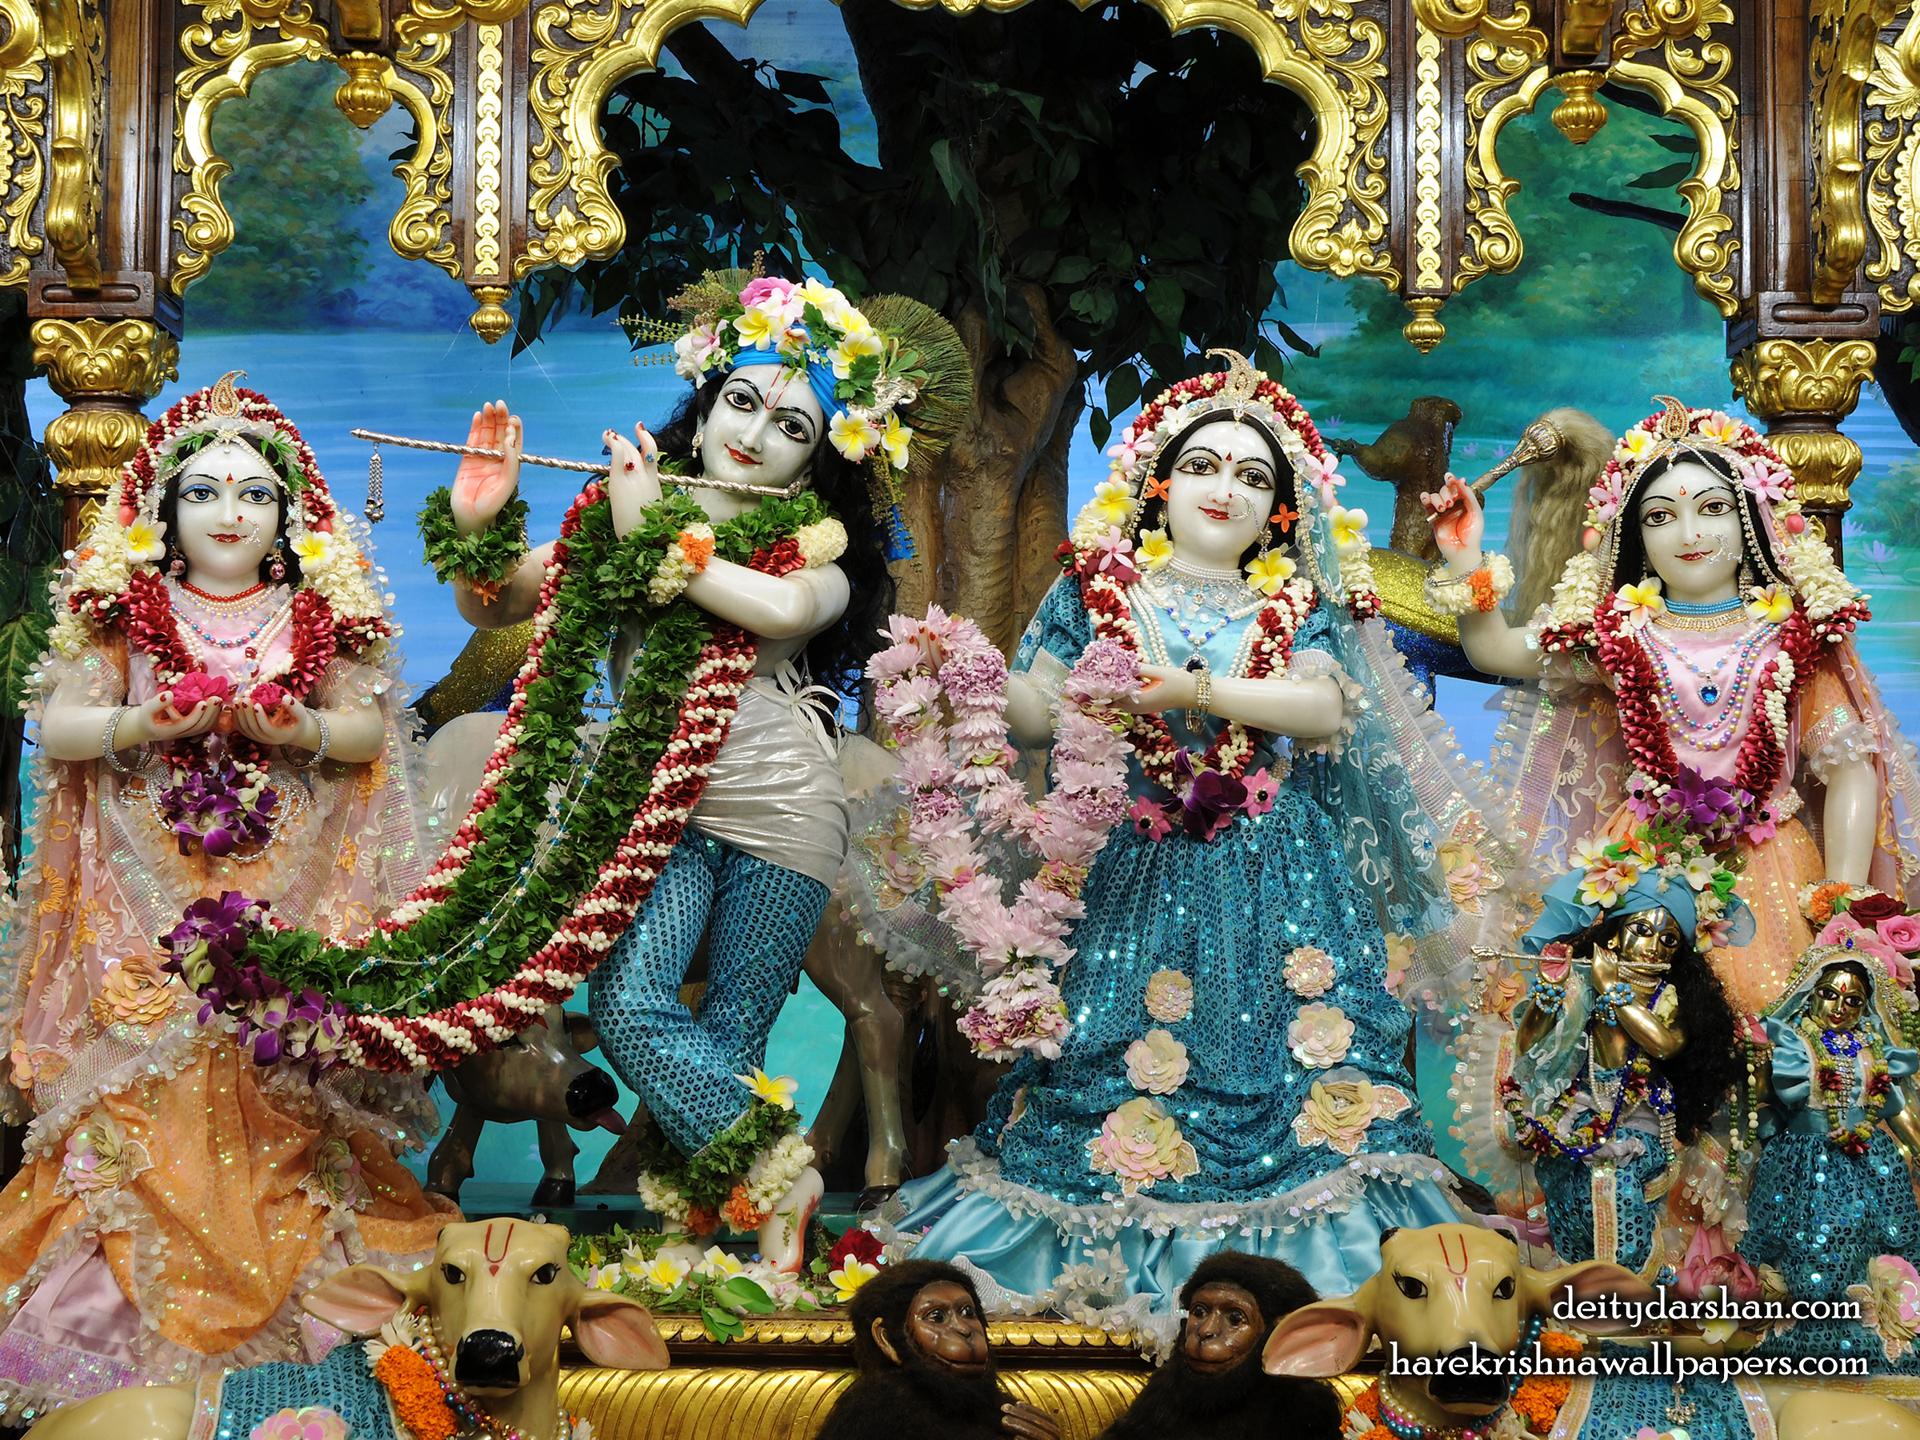 Sri Sri Radha Gopinath Lalita Vishakha Wallpaper (074) Size 1920x1440 Download